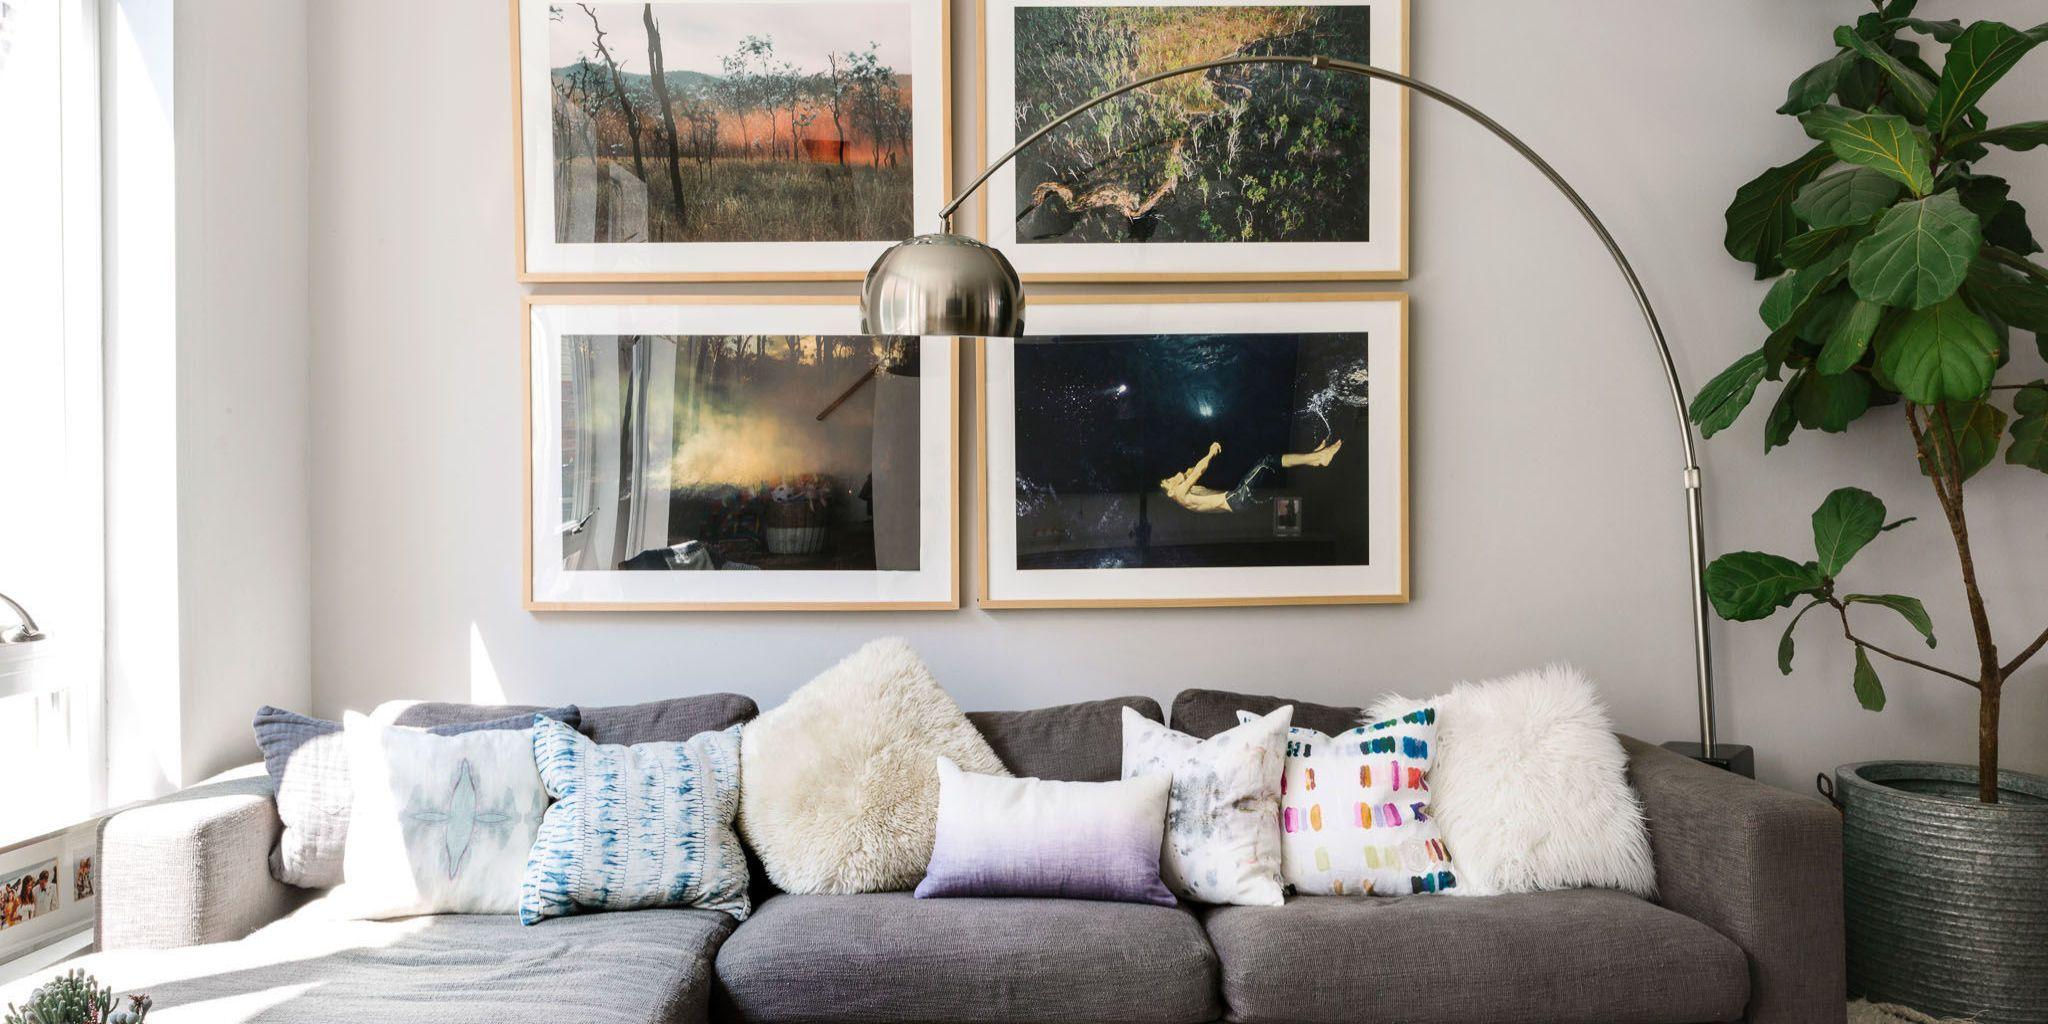 10 Best Tricks For Warm Room Design